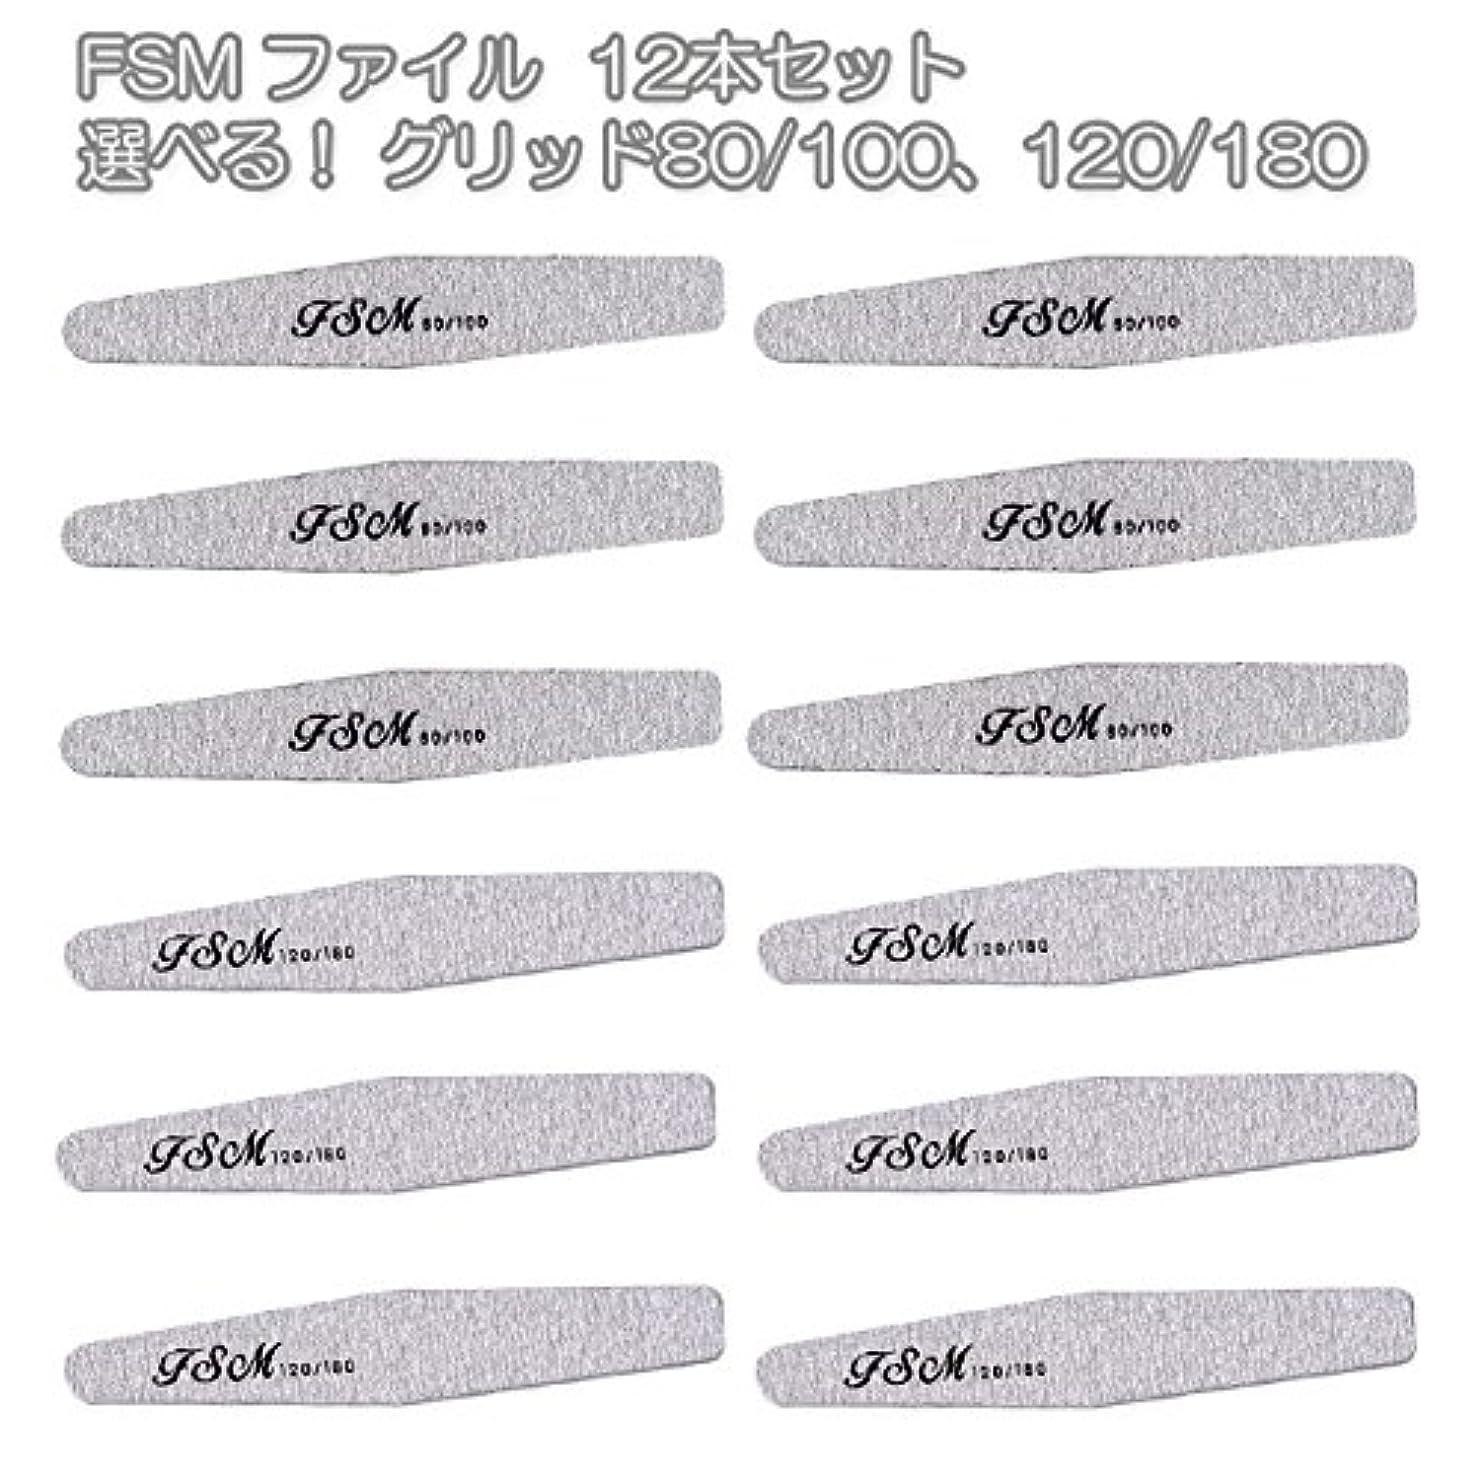 不安定アーサー開発FSM ネイルファイル/バッファー12本セット(選べる!グリッド80/100、120/180) (G80/100の12本)